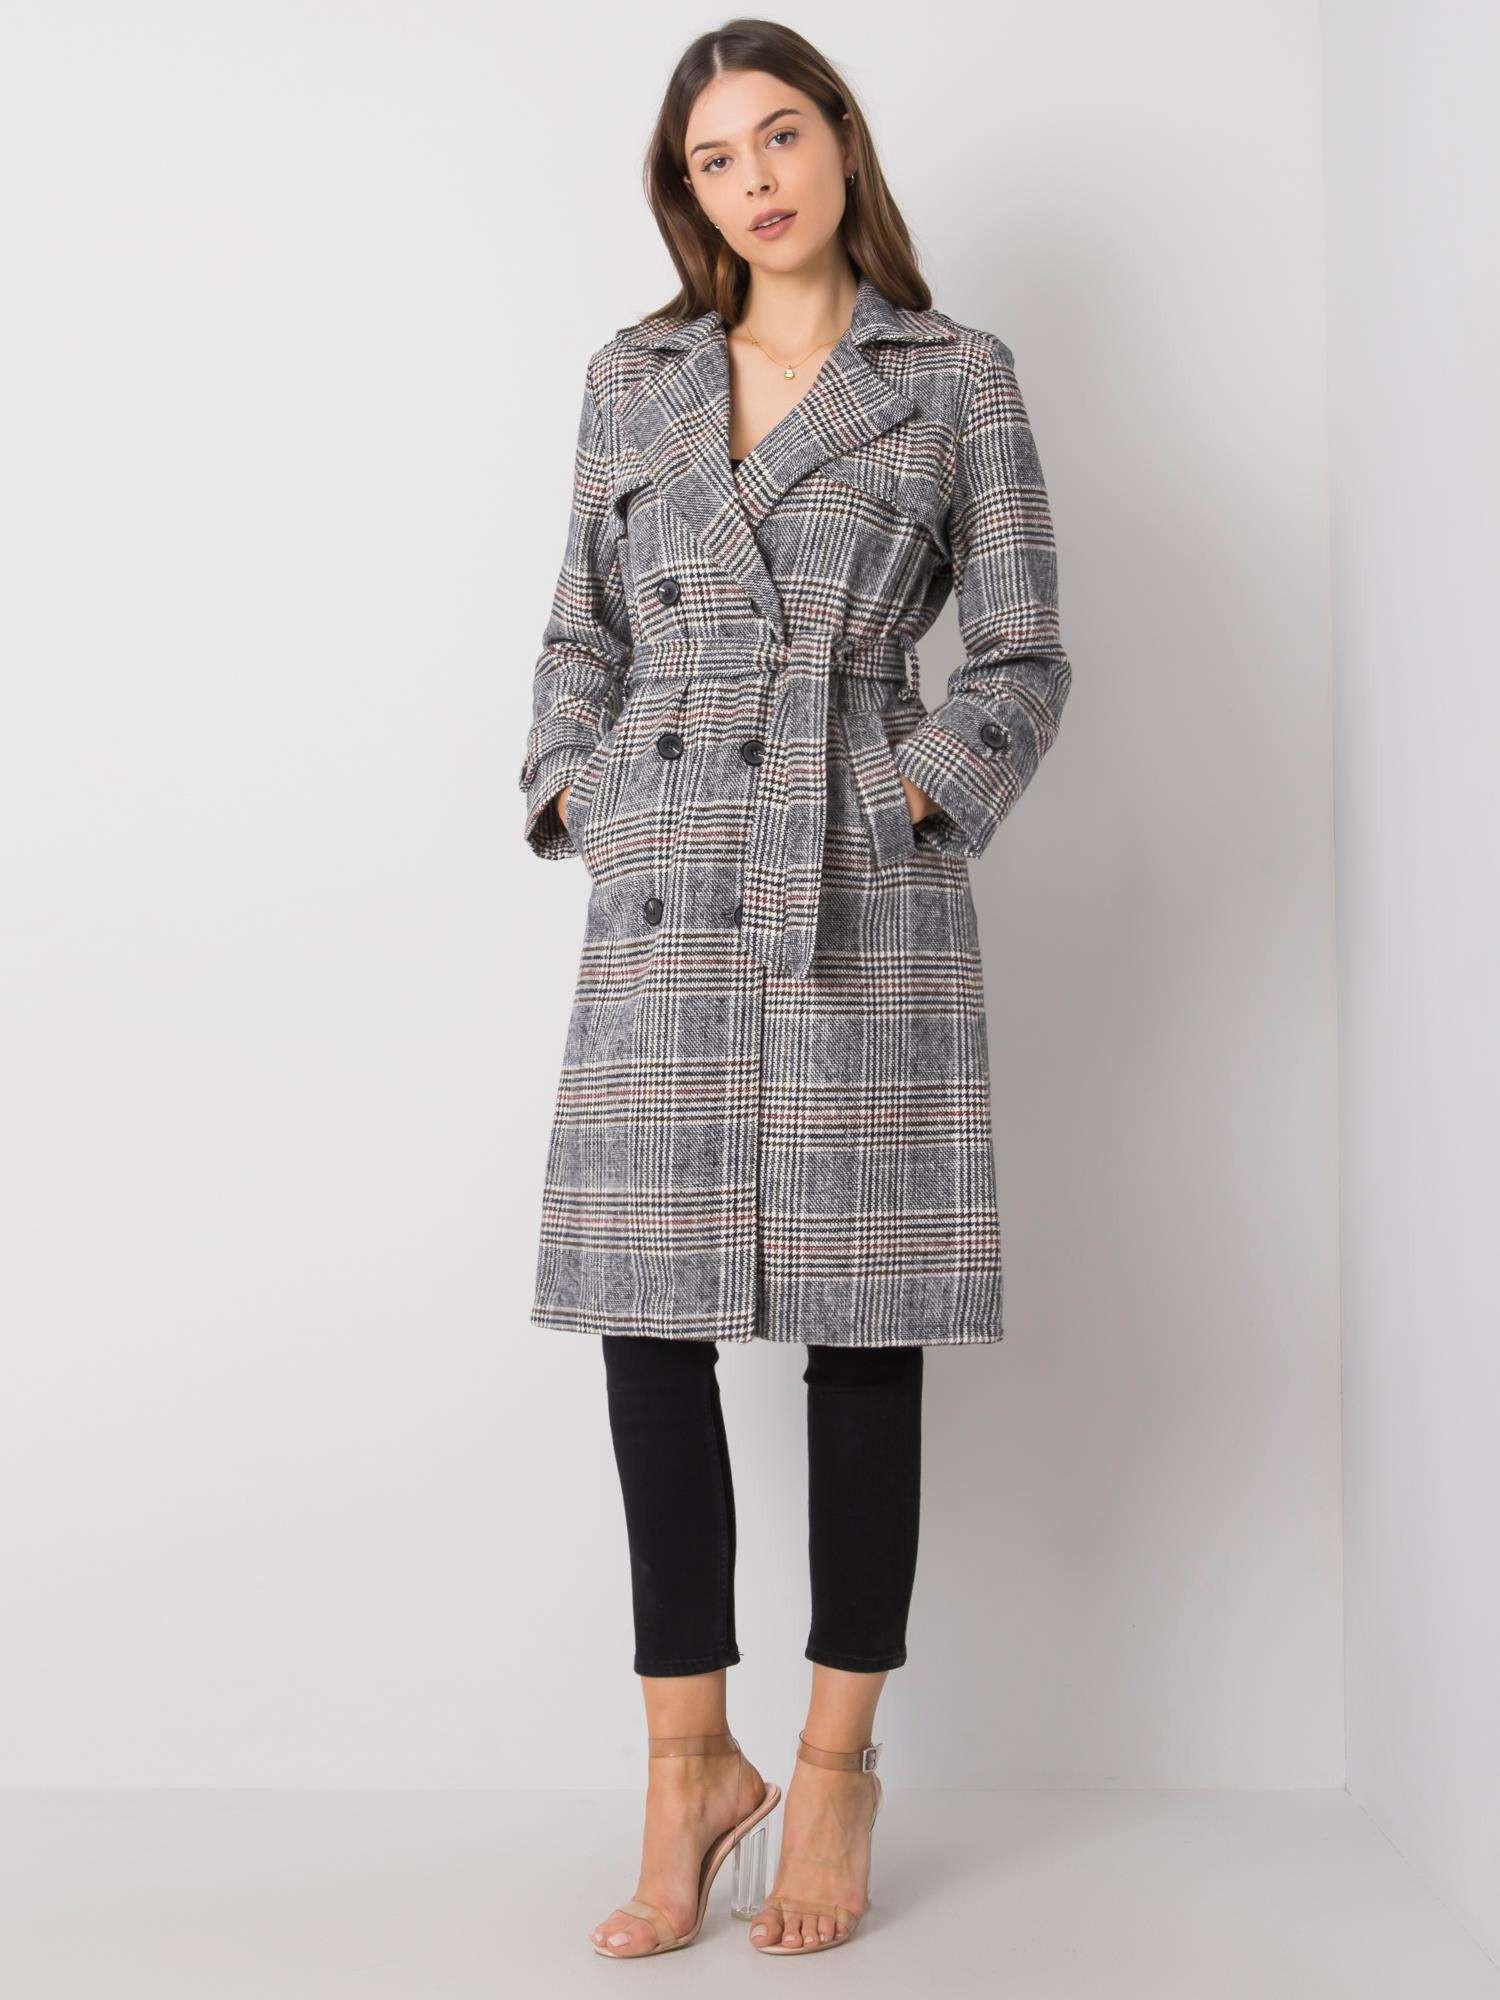 Černý a bílý kostkovaný kabát jedna velikost